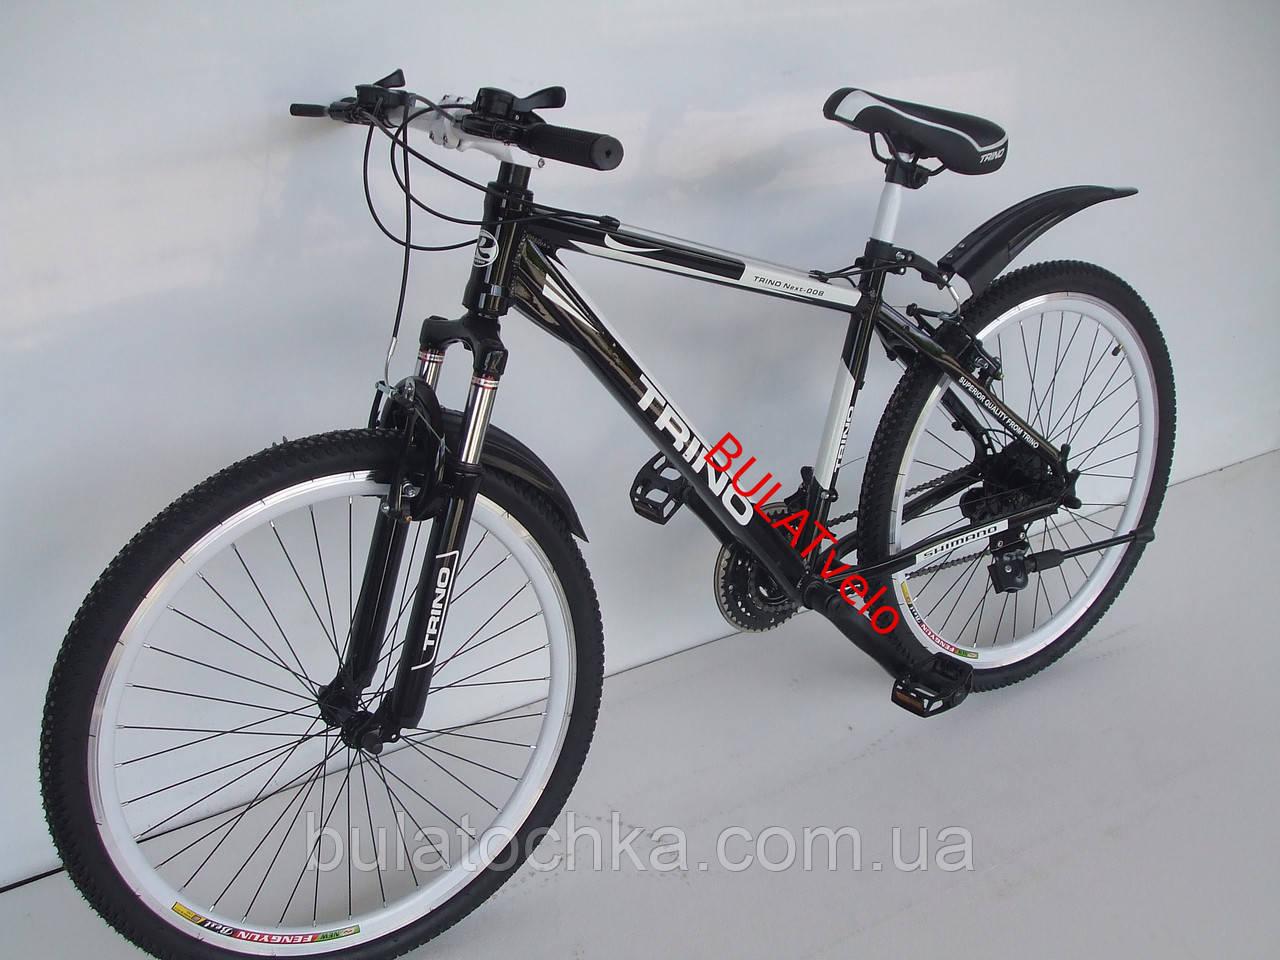 Велосипед NEXT CМ008 (велосипеды ТРИНО опт купить)